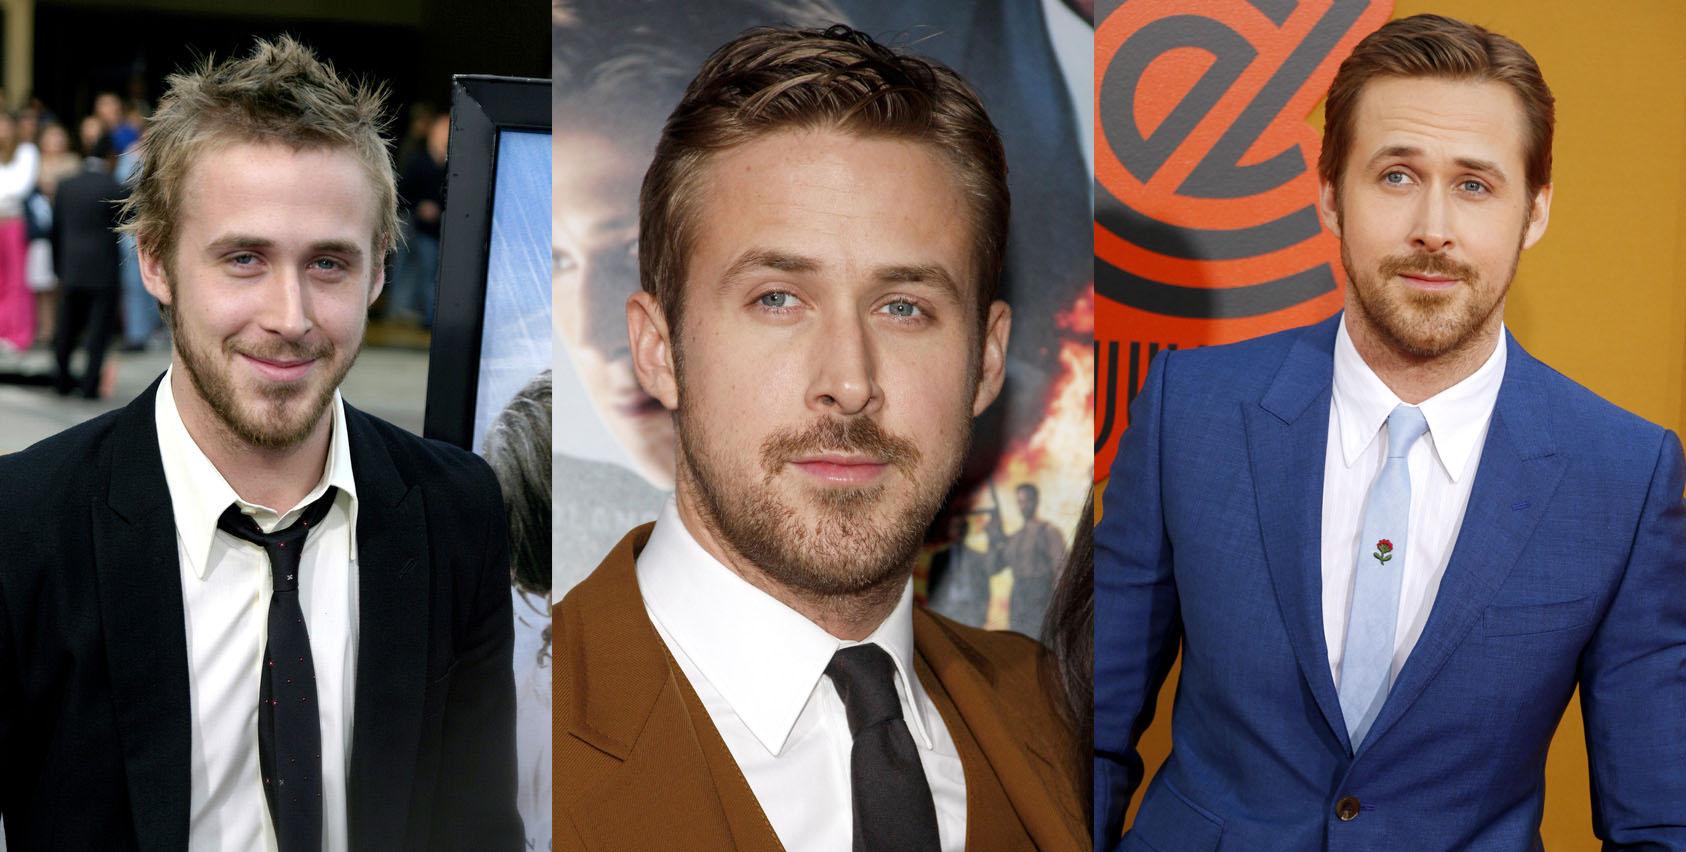 Aprende a hablar inglés como Ryan Gosling